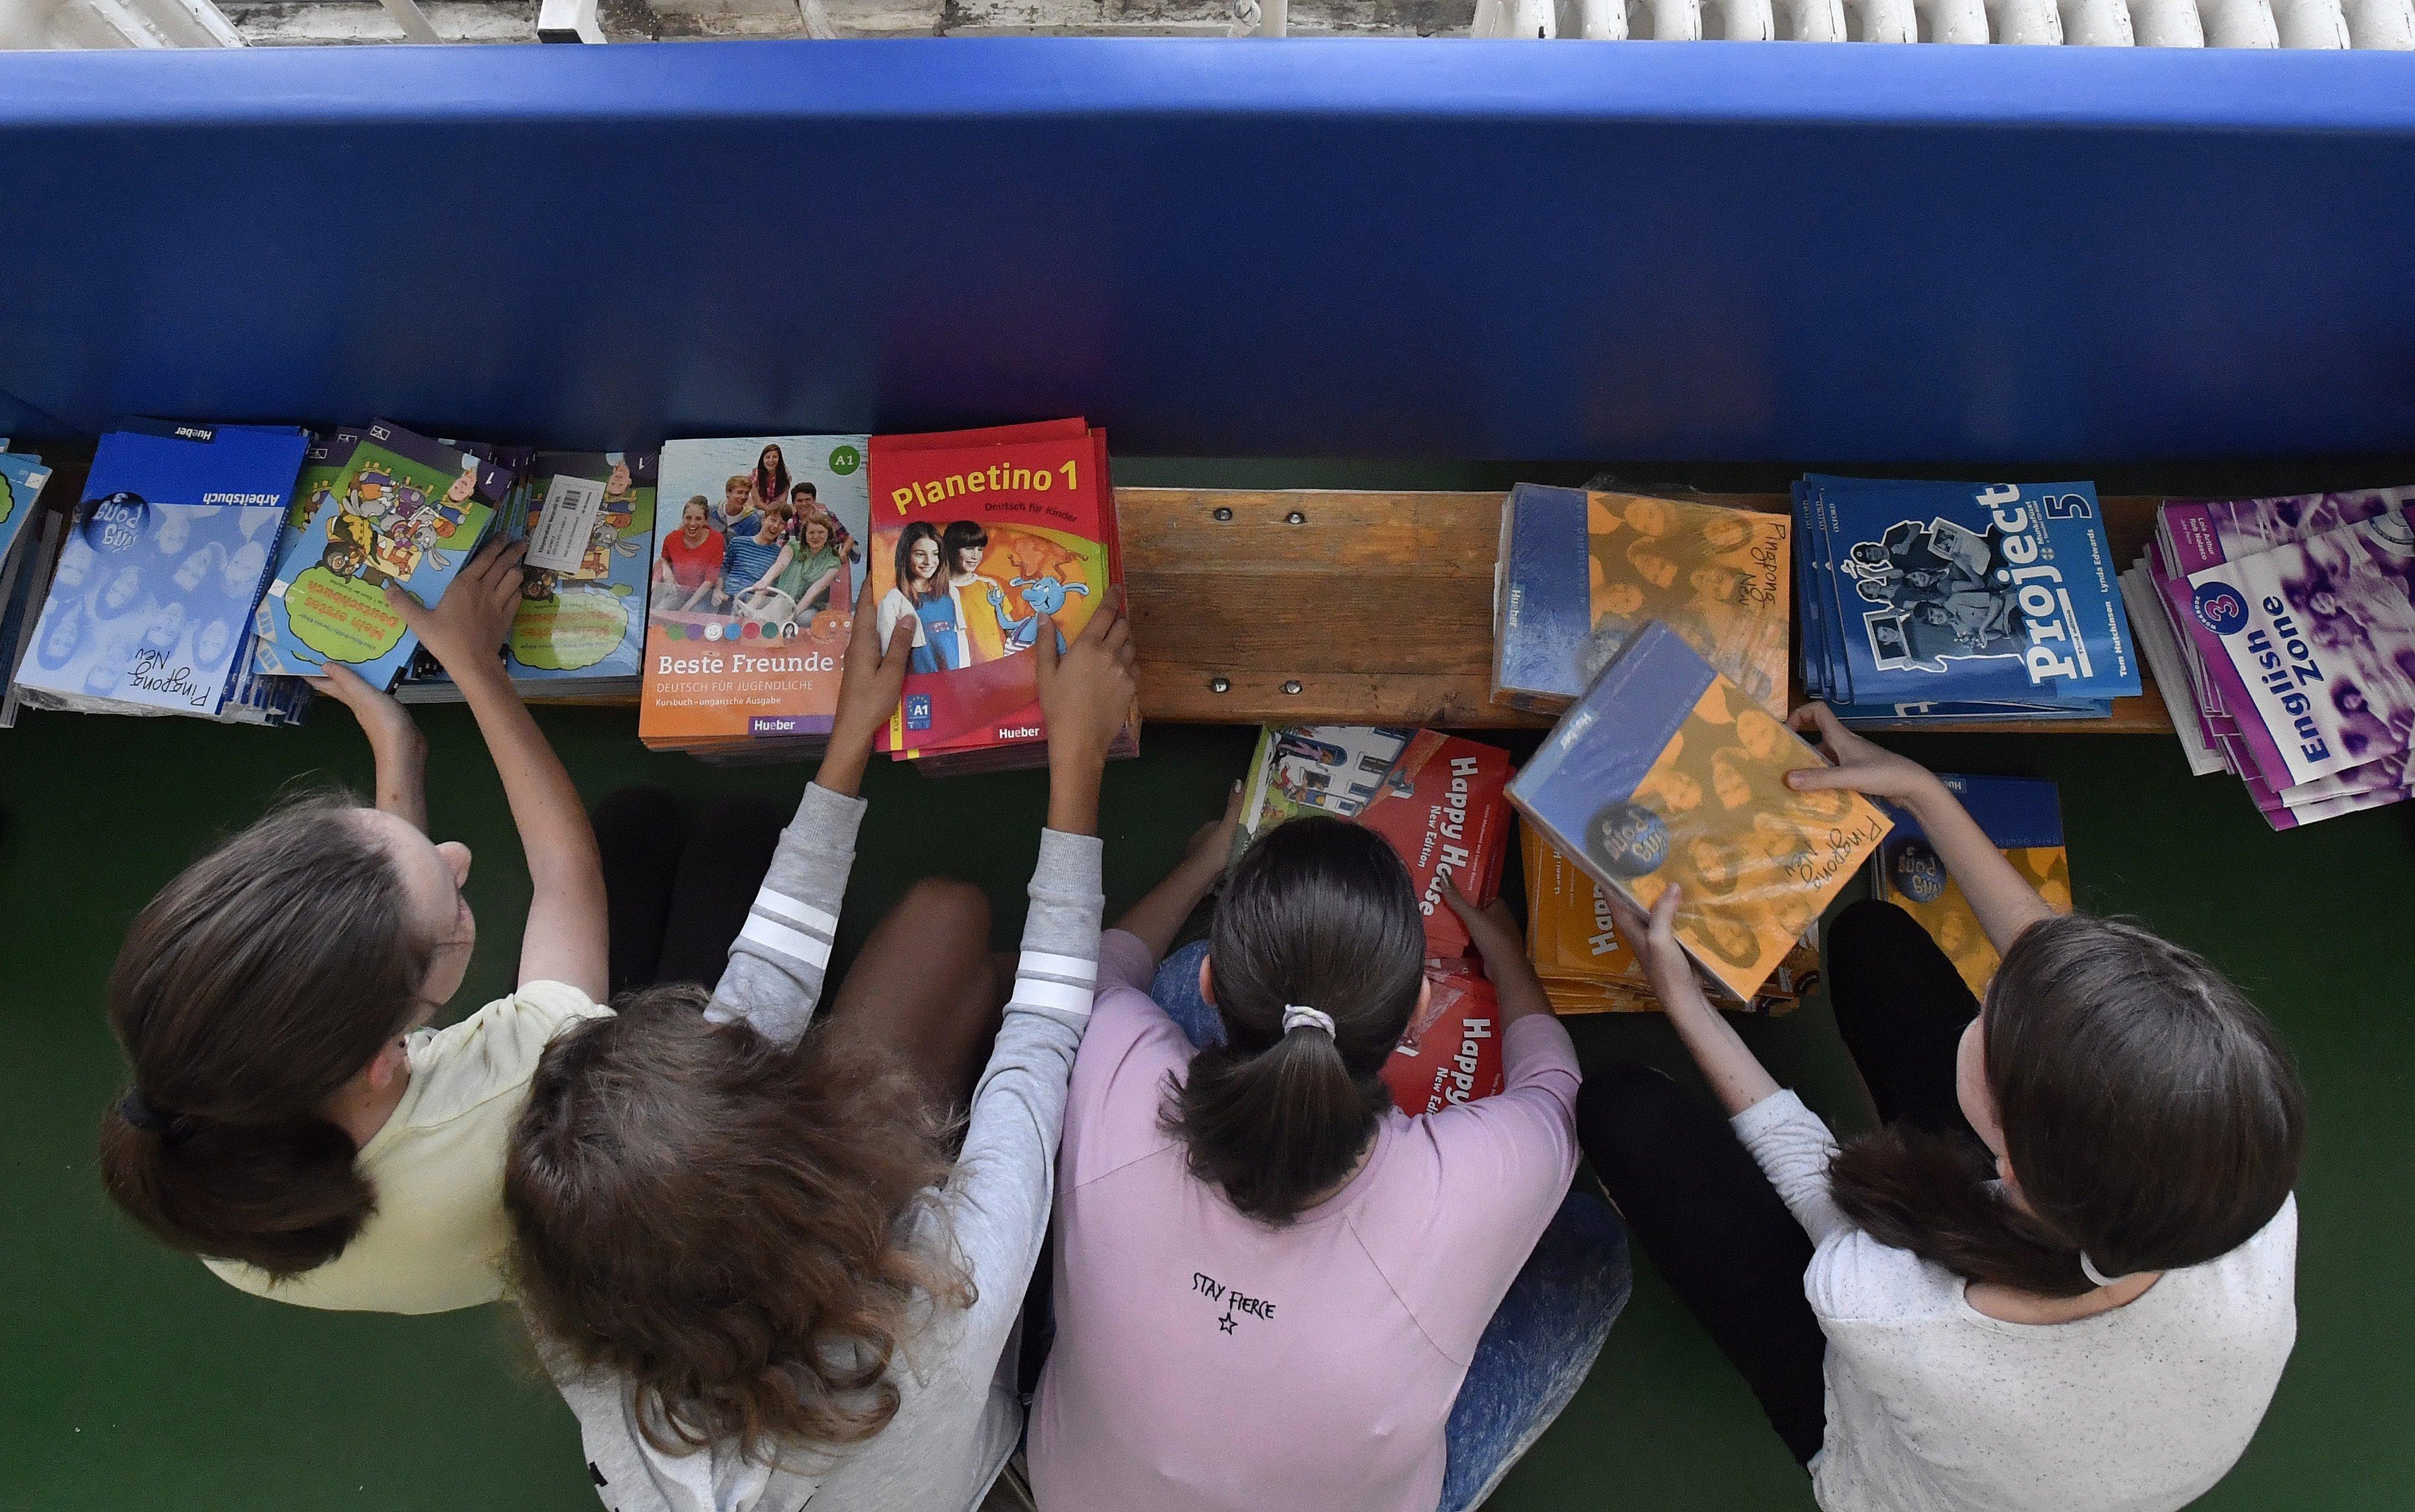 Háromezer tanár hiányzik, de a Klebelsberg Központ szerint nincs országos pedagógushiány